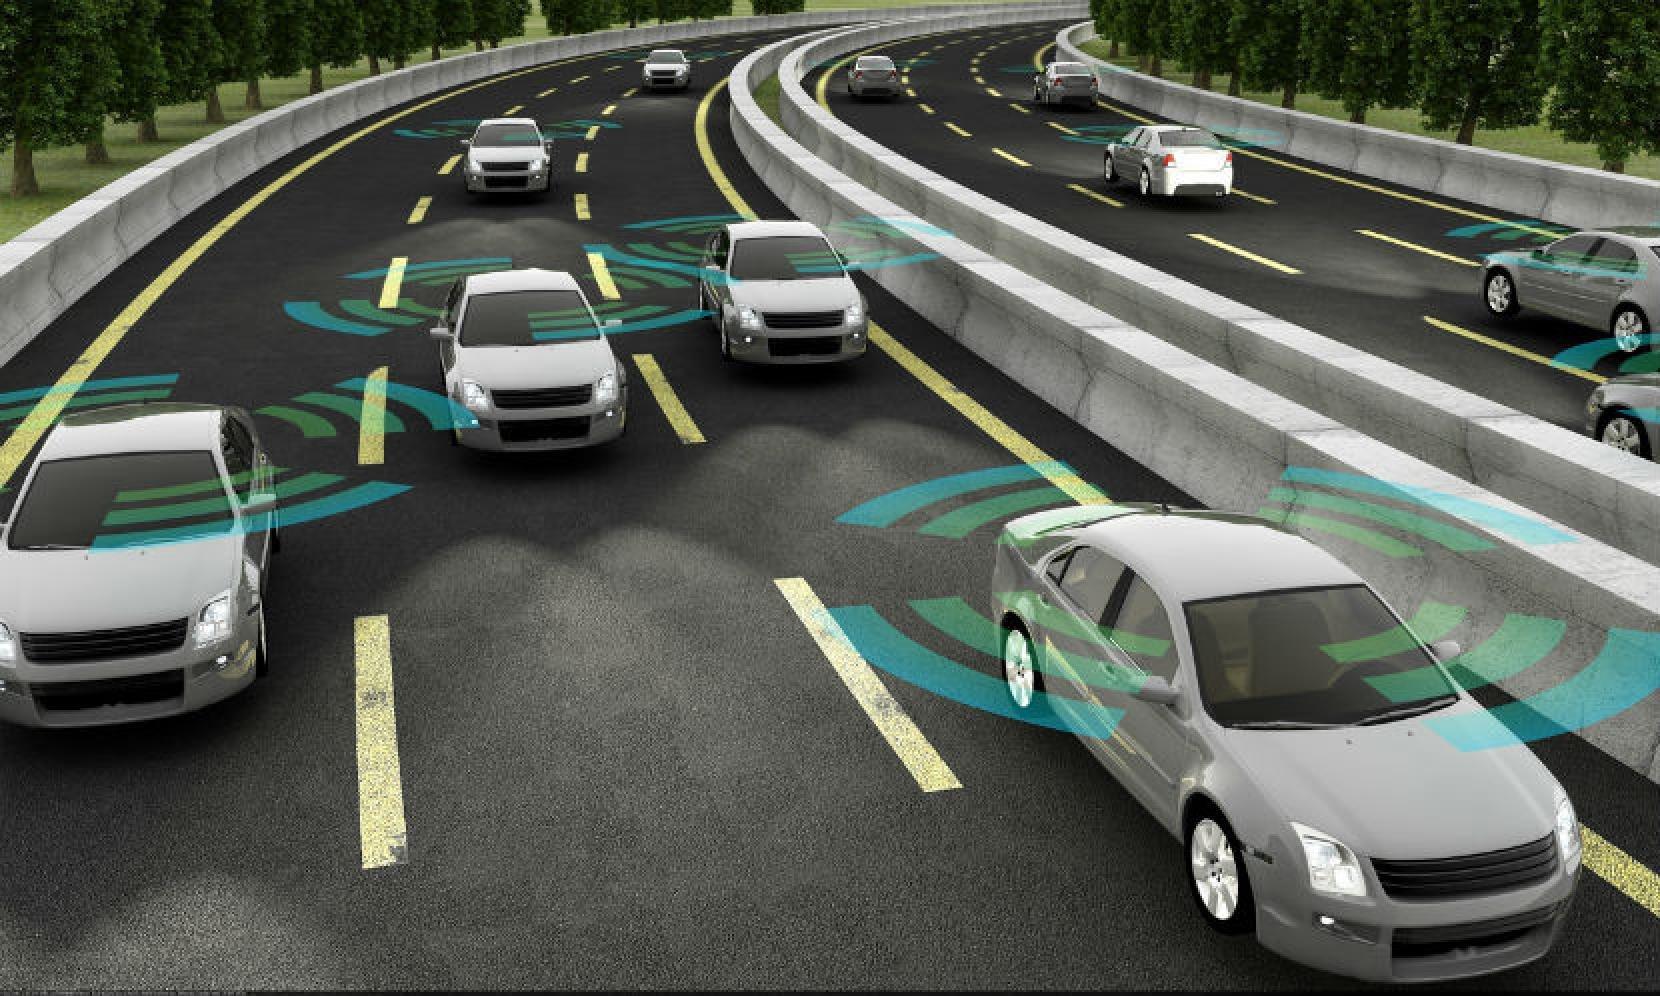 Intel, otonom araba teknolojisi şirketi Mobileye'yı satın aldı